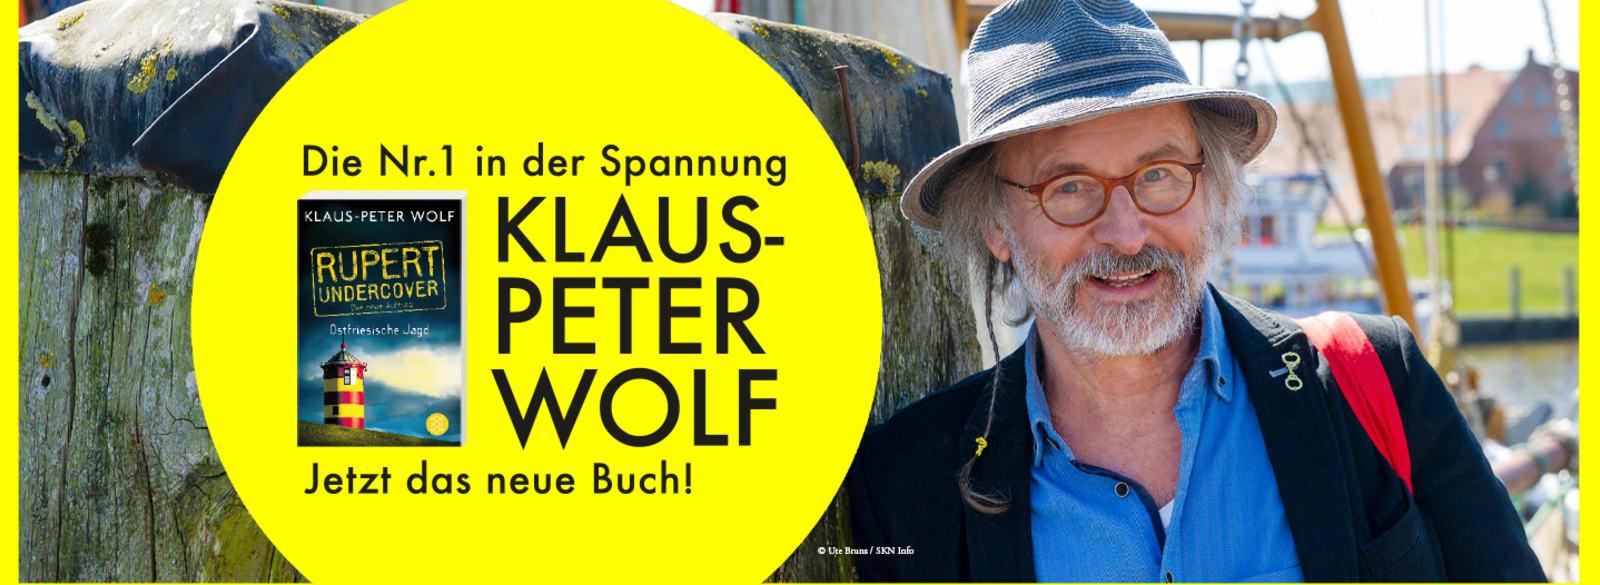 Wolf Ostfriesische Jagd TB